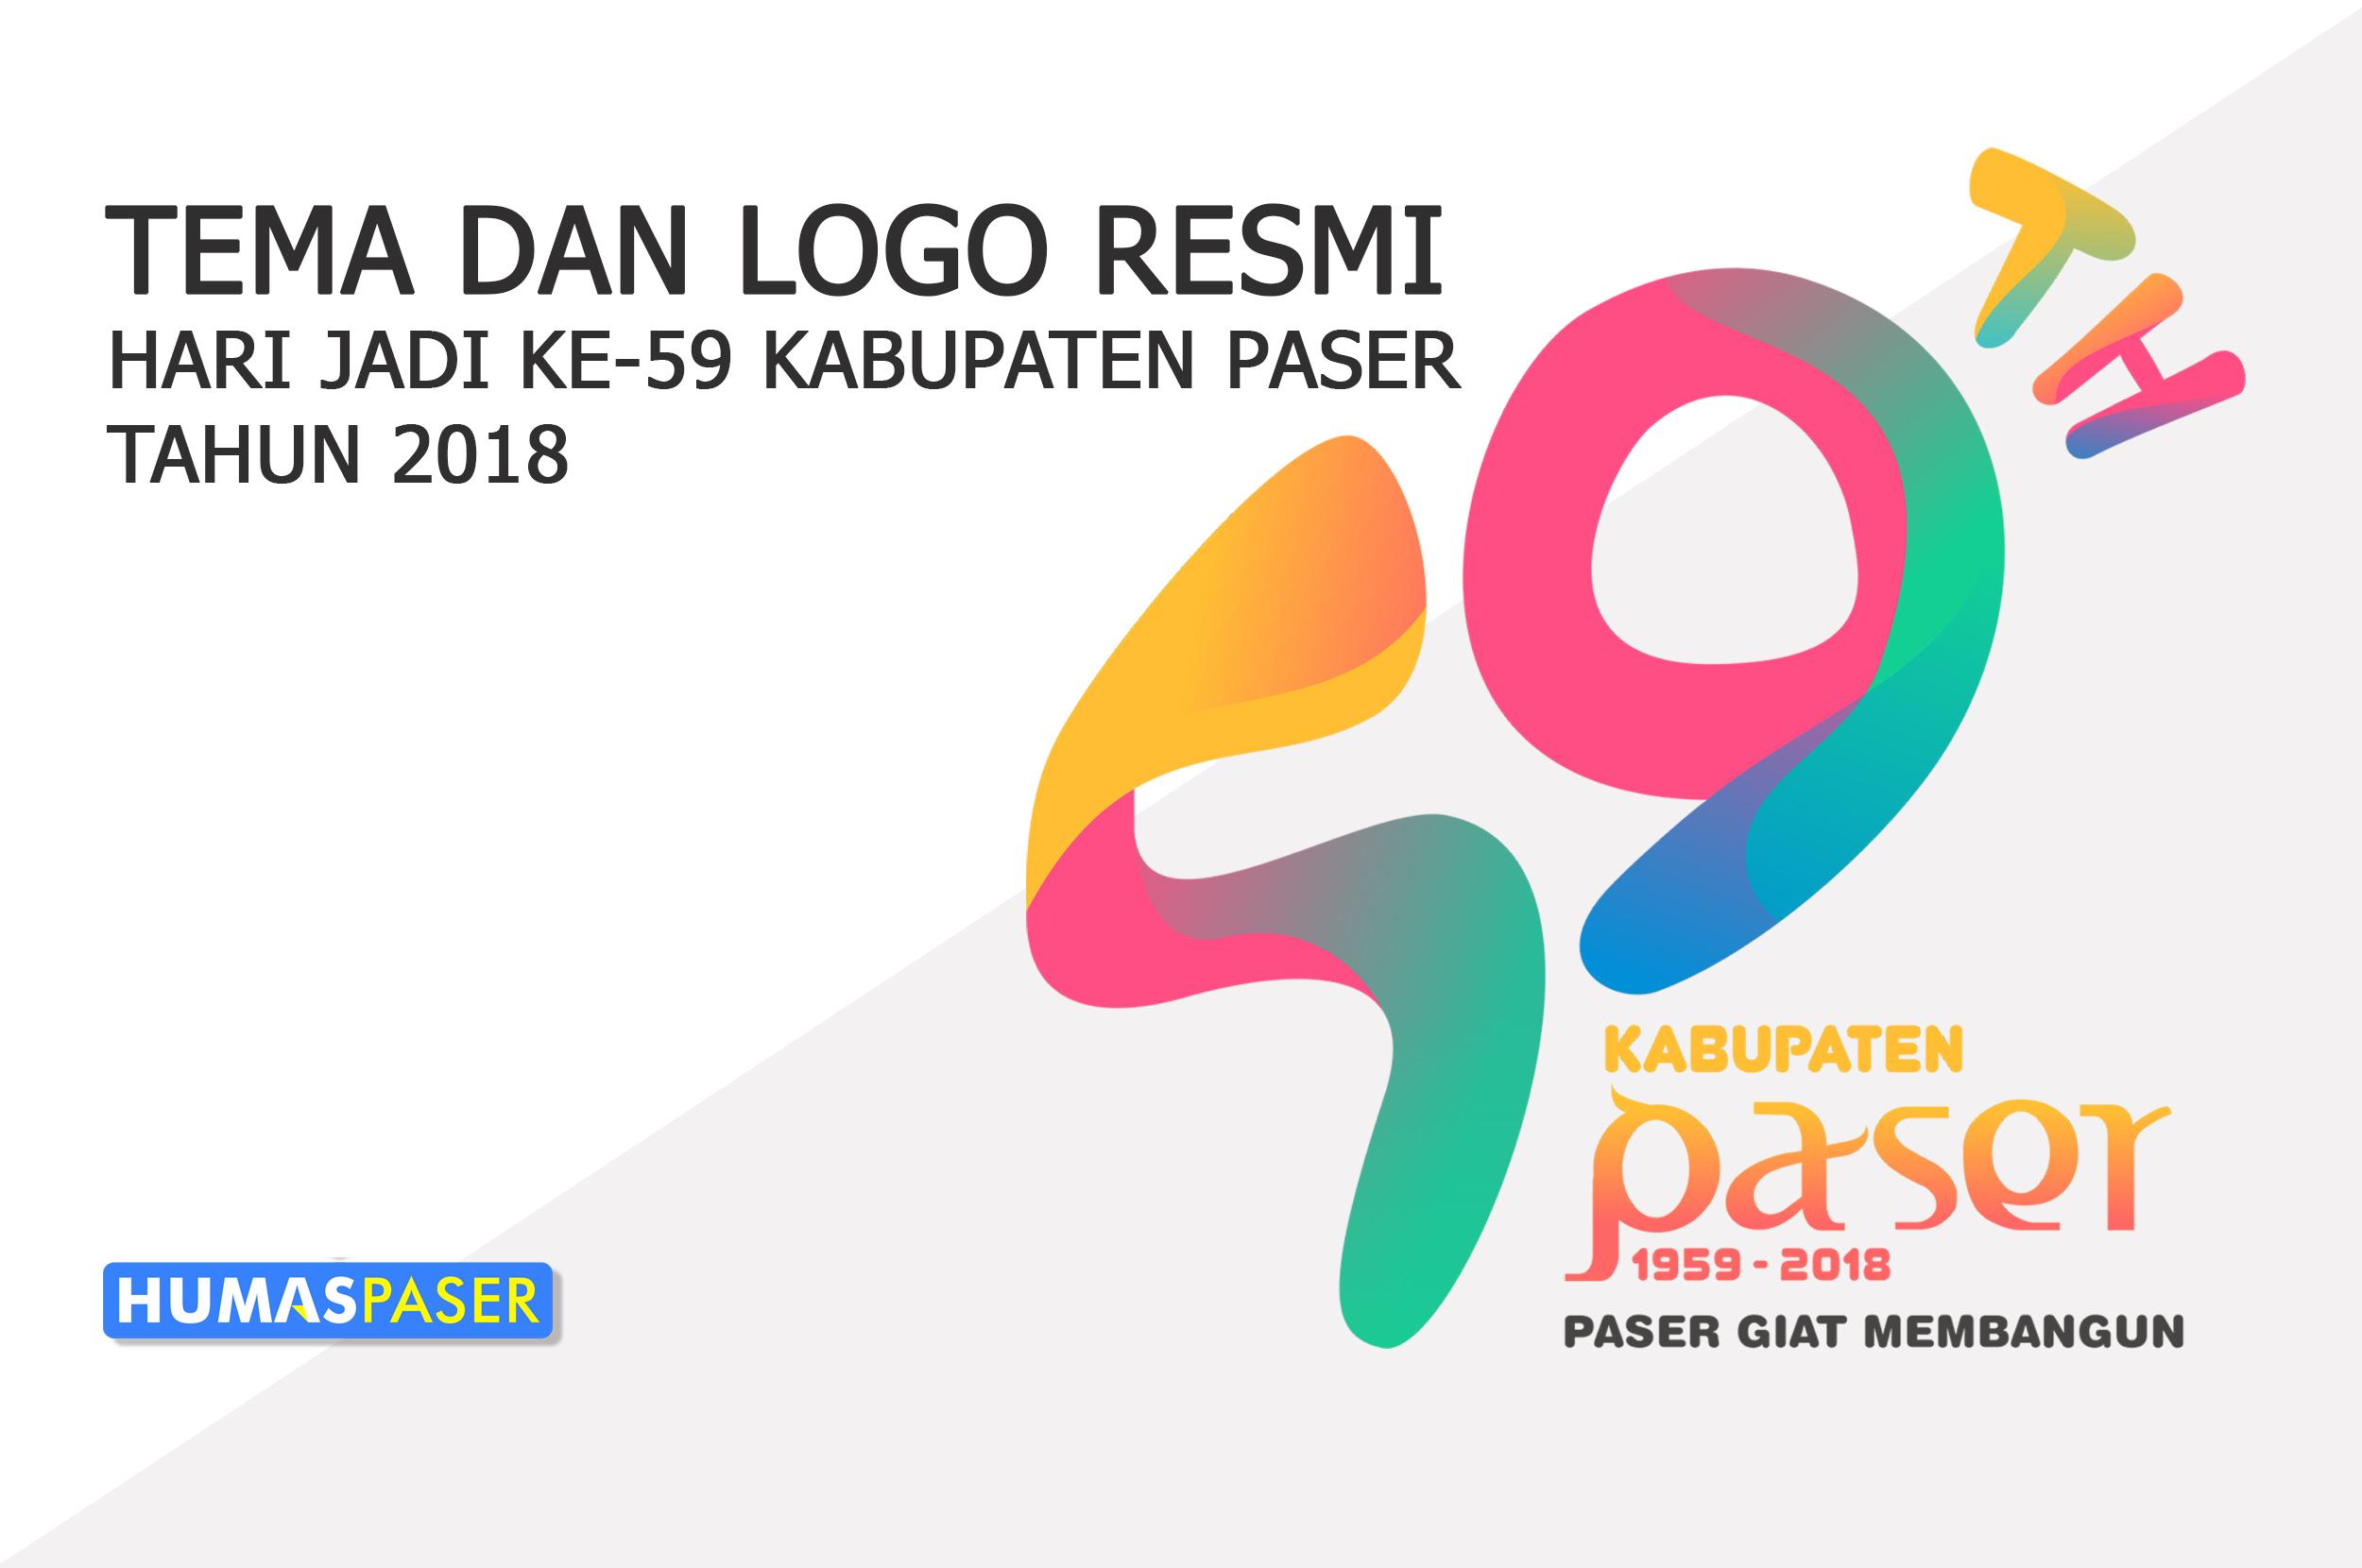 Pemkab Rilis Logo Tema Hari Jadi Kabupaten Paser 59 Tahun